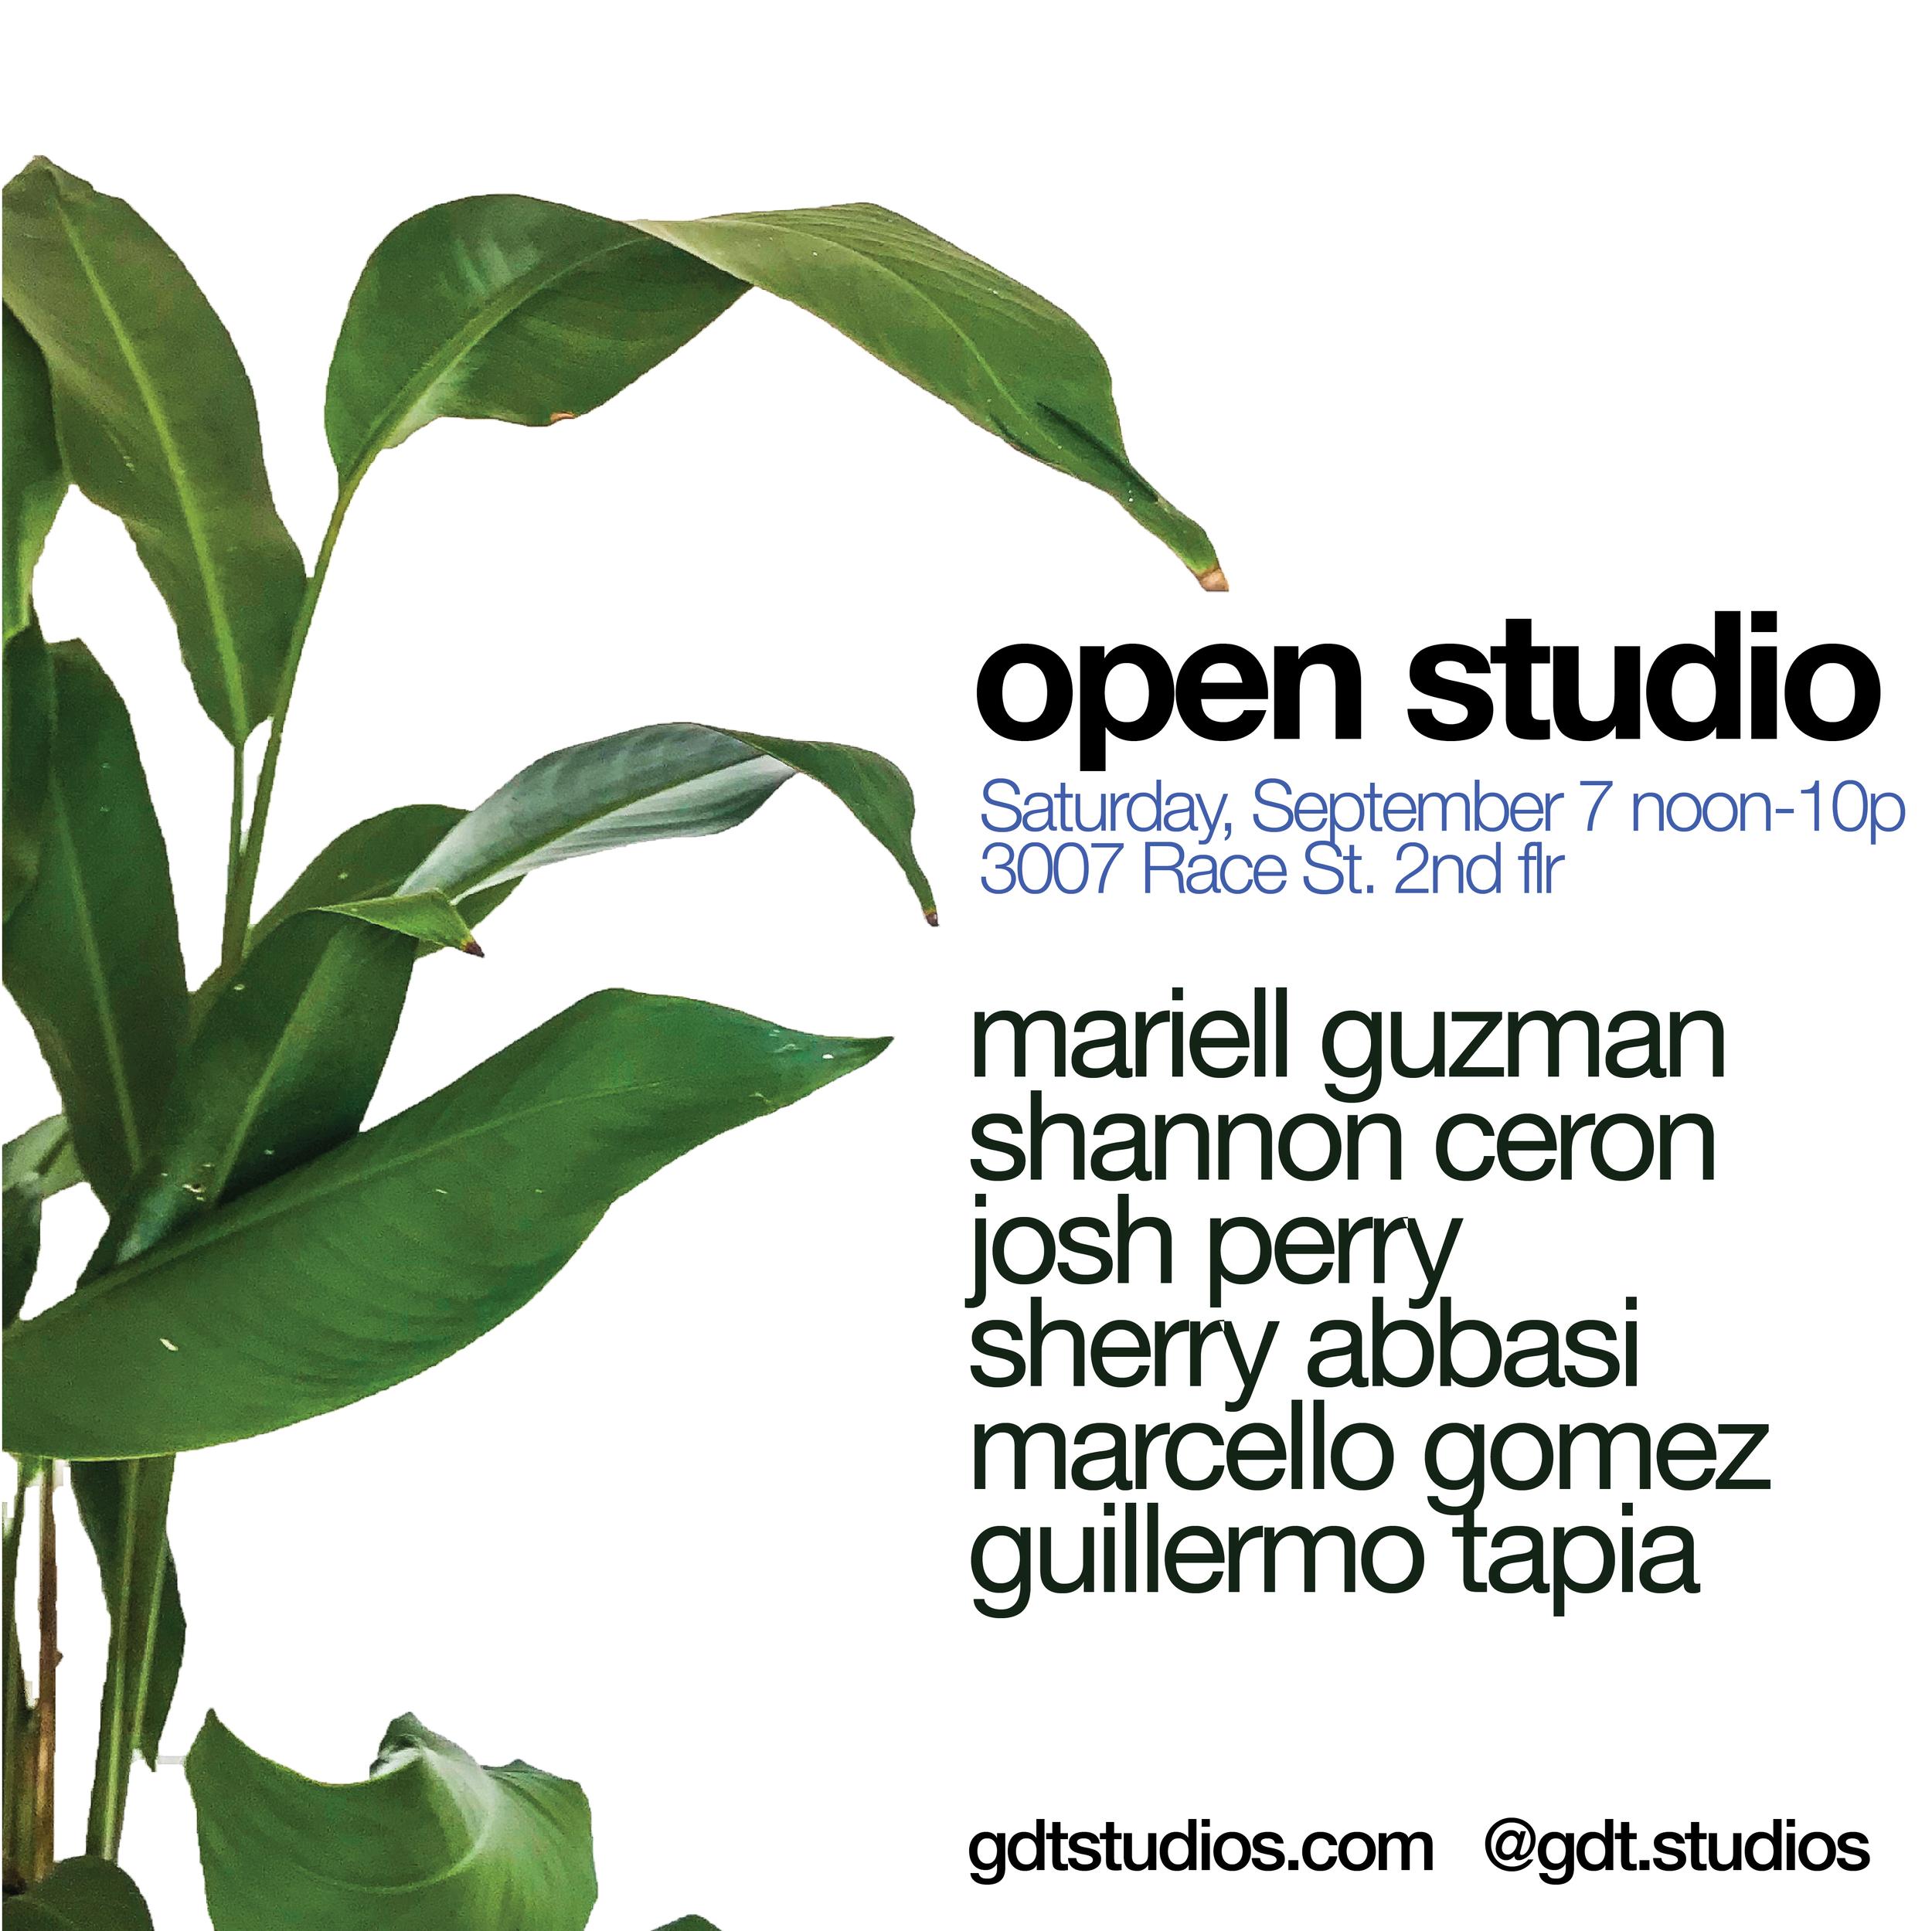 open studio-03.png